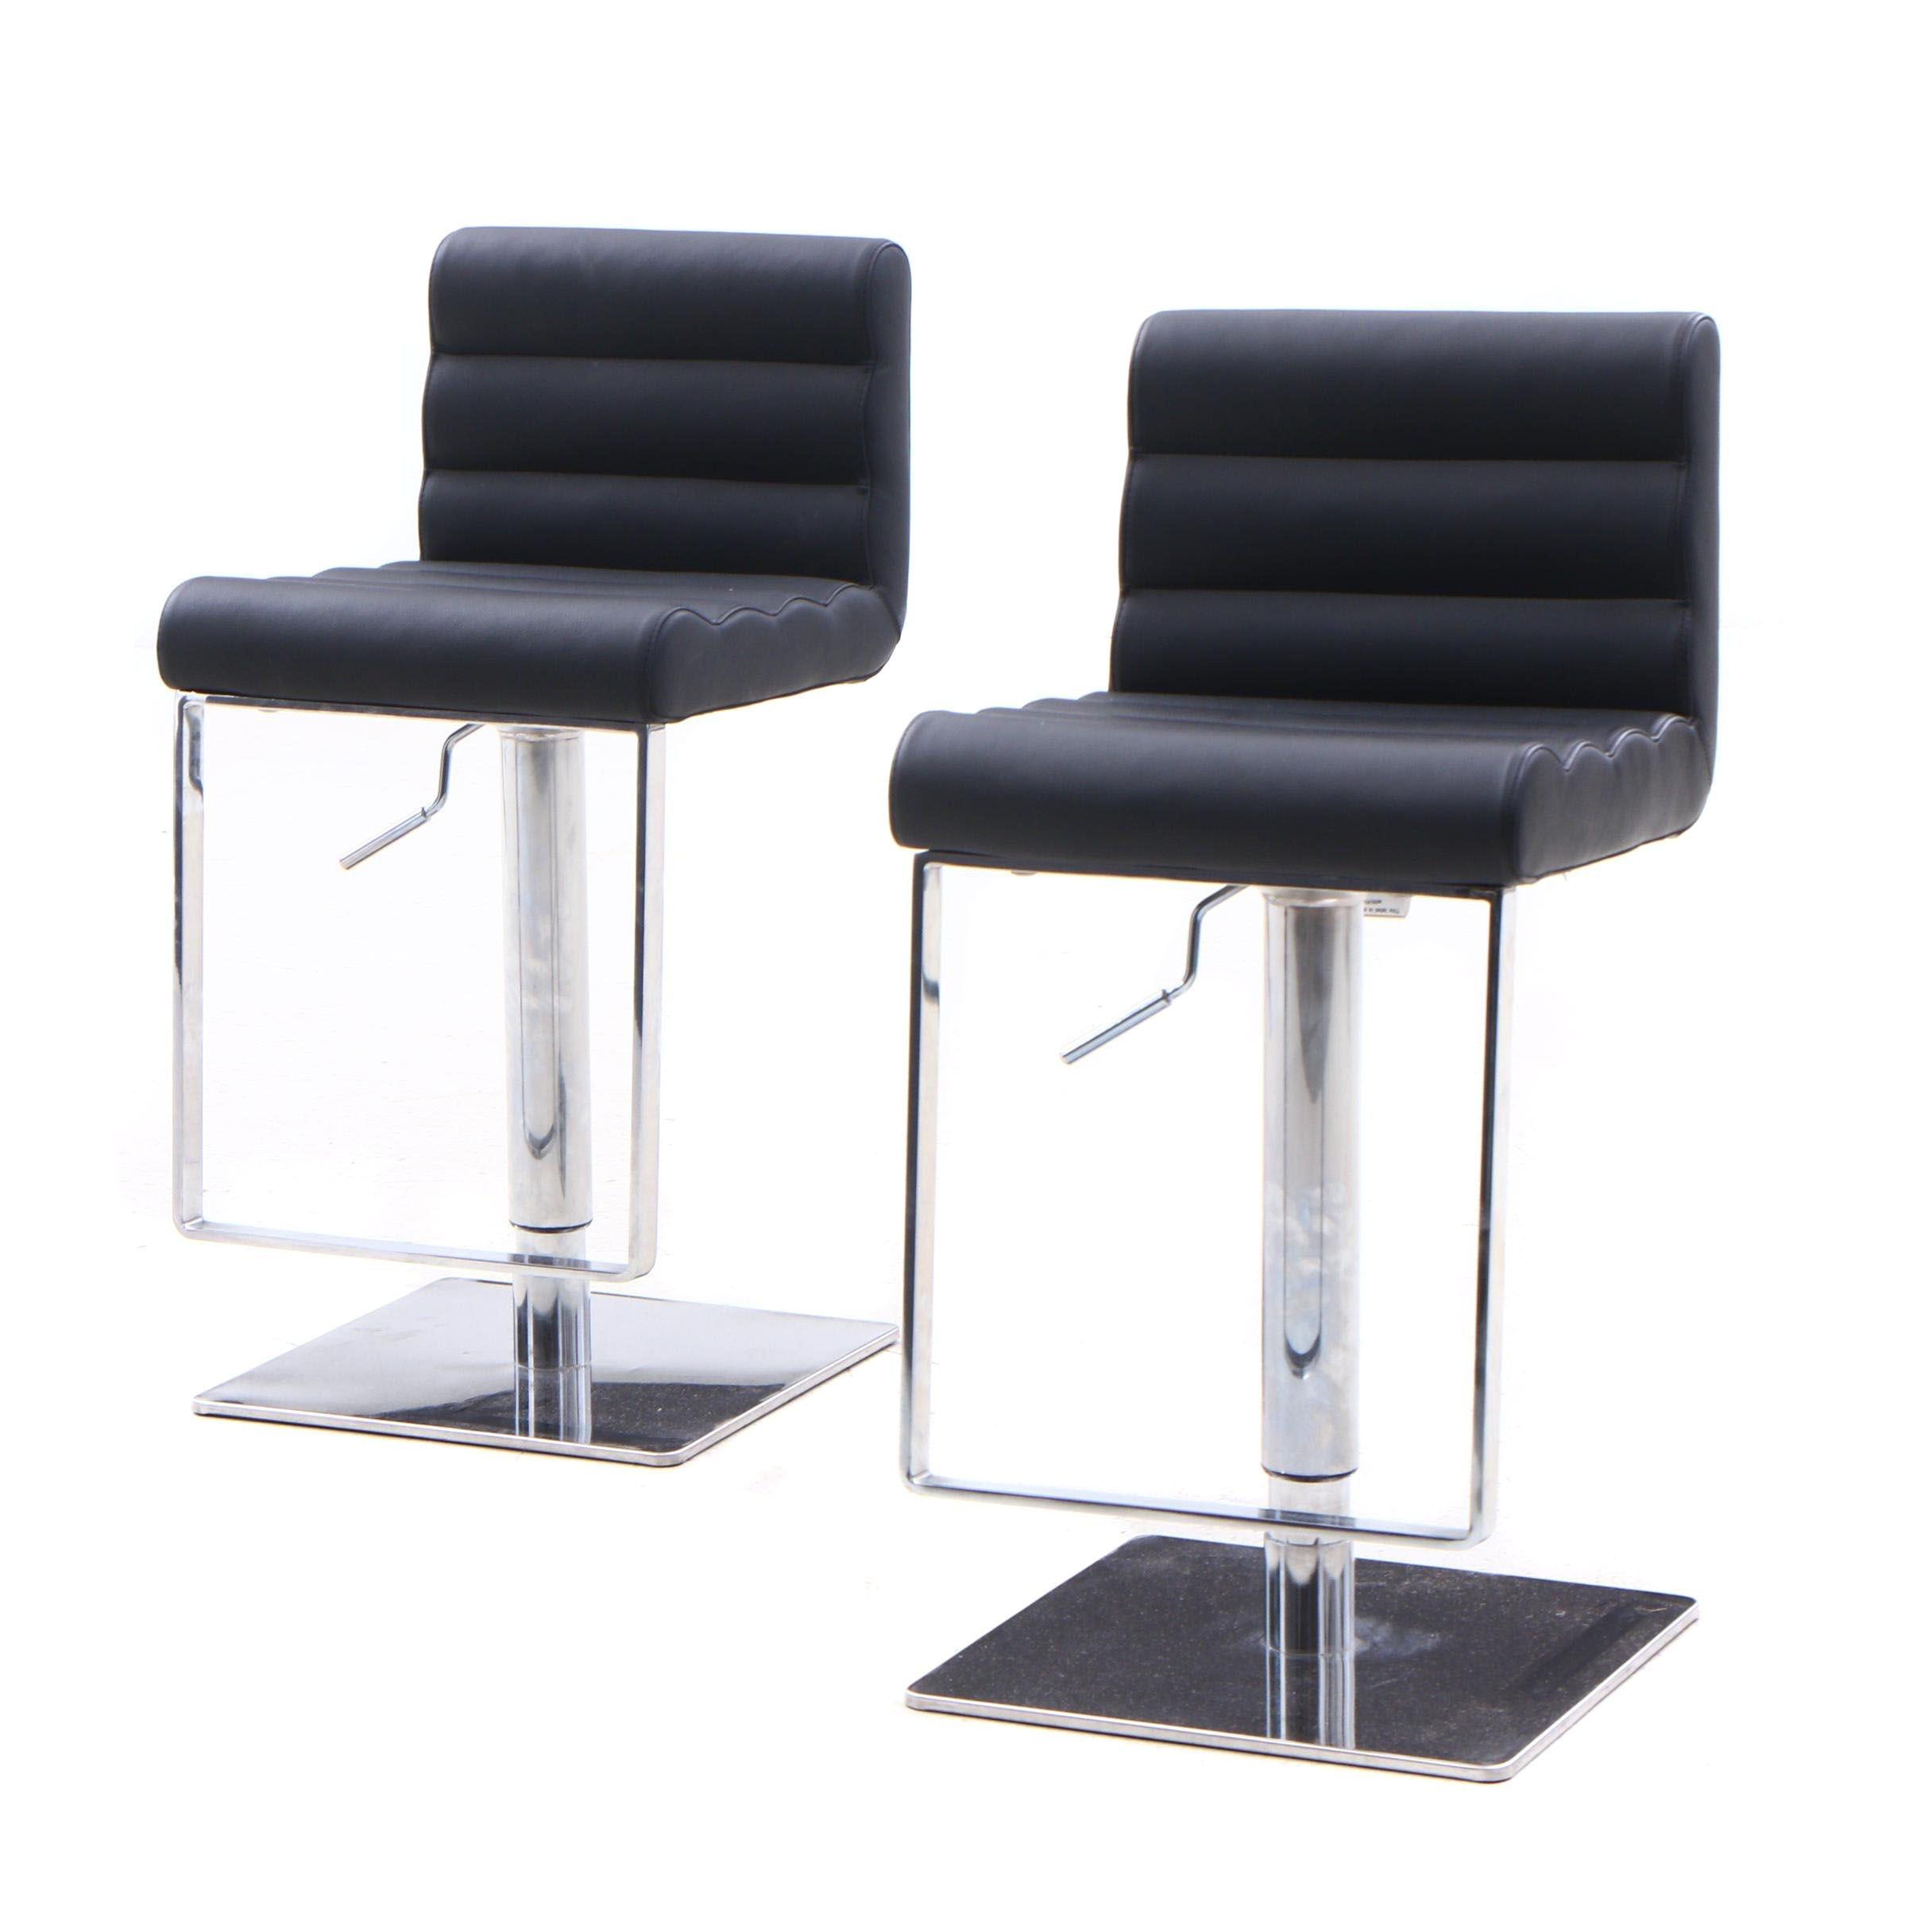 Contemporary Modern Upholstered Chrome Base Swivel Bar Stools